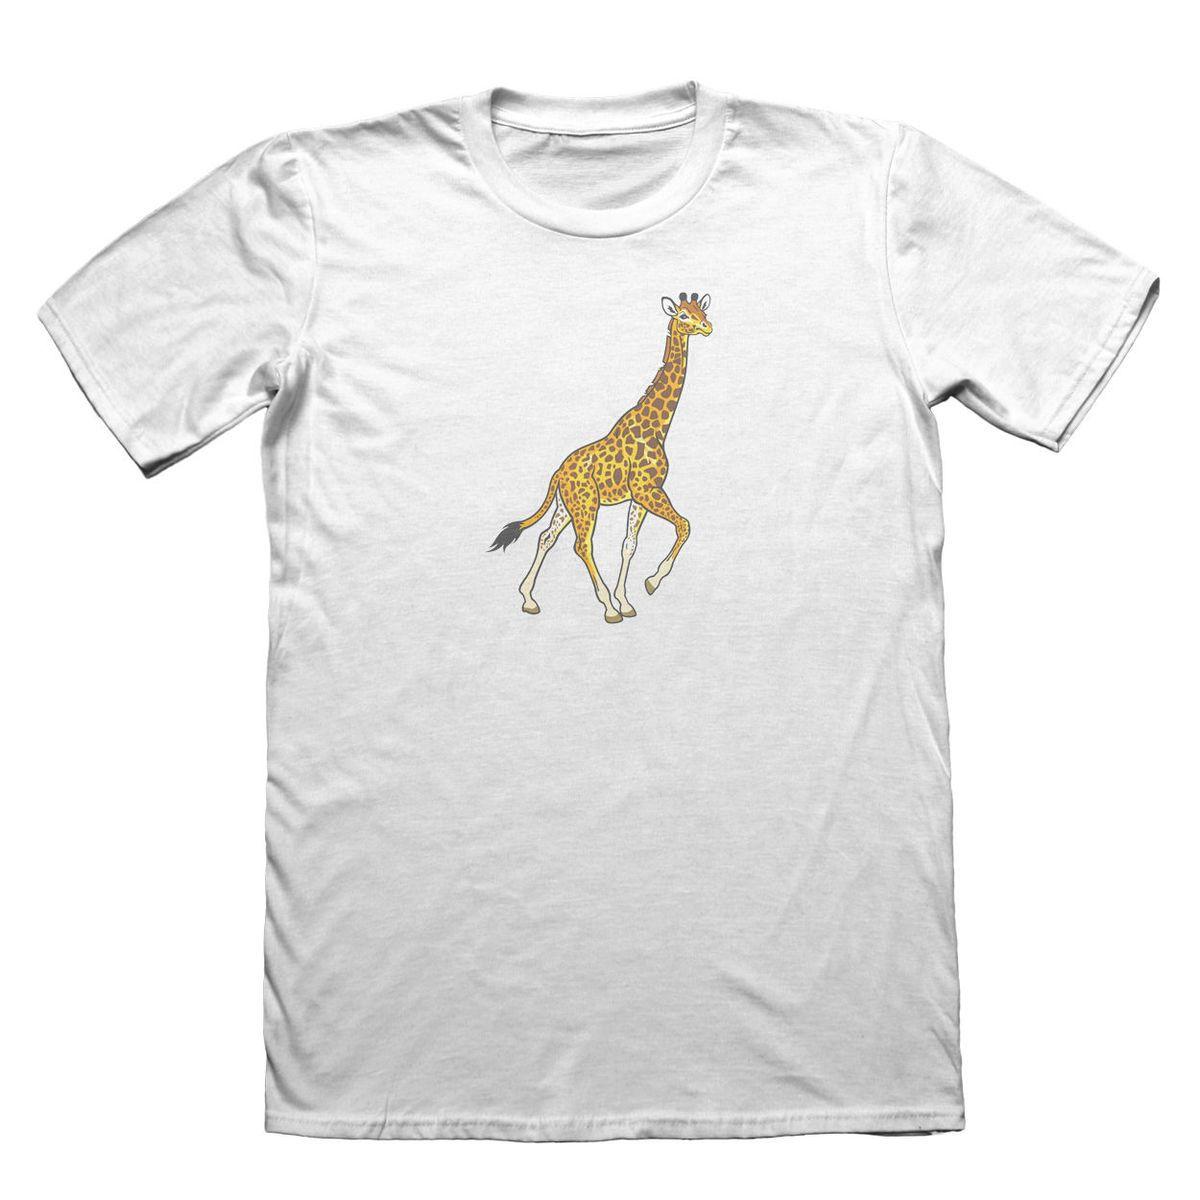 01be4c9a69b Compre Camiseta Jirafa Funny Mens Gift   4431 Camiseta De Ropa Cool Slim  Fit Letra Impresa Camiseta De Manga Corta Funny Print A  16.24 Del  Qz106152964 ...